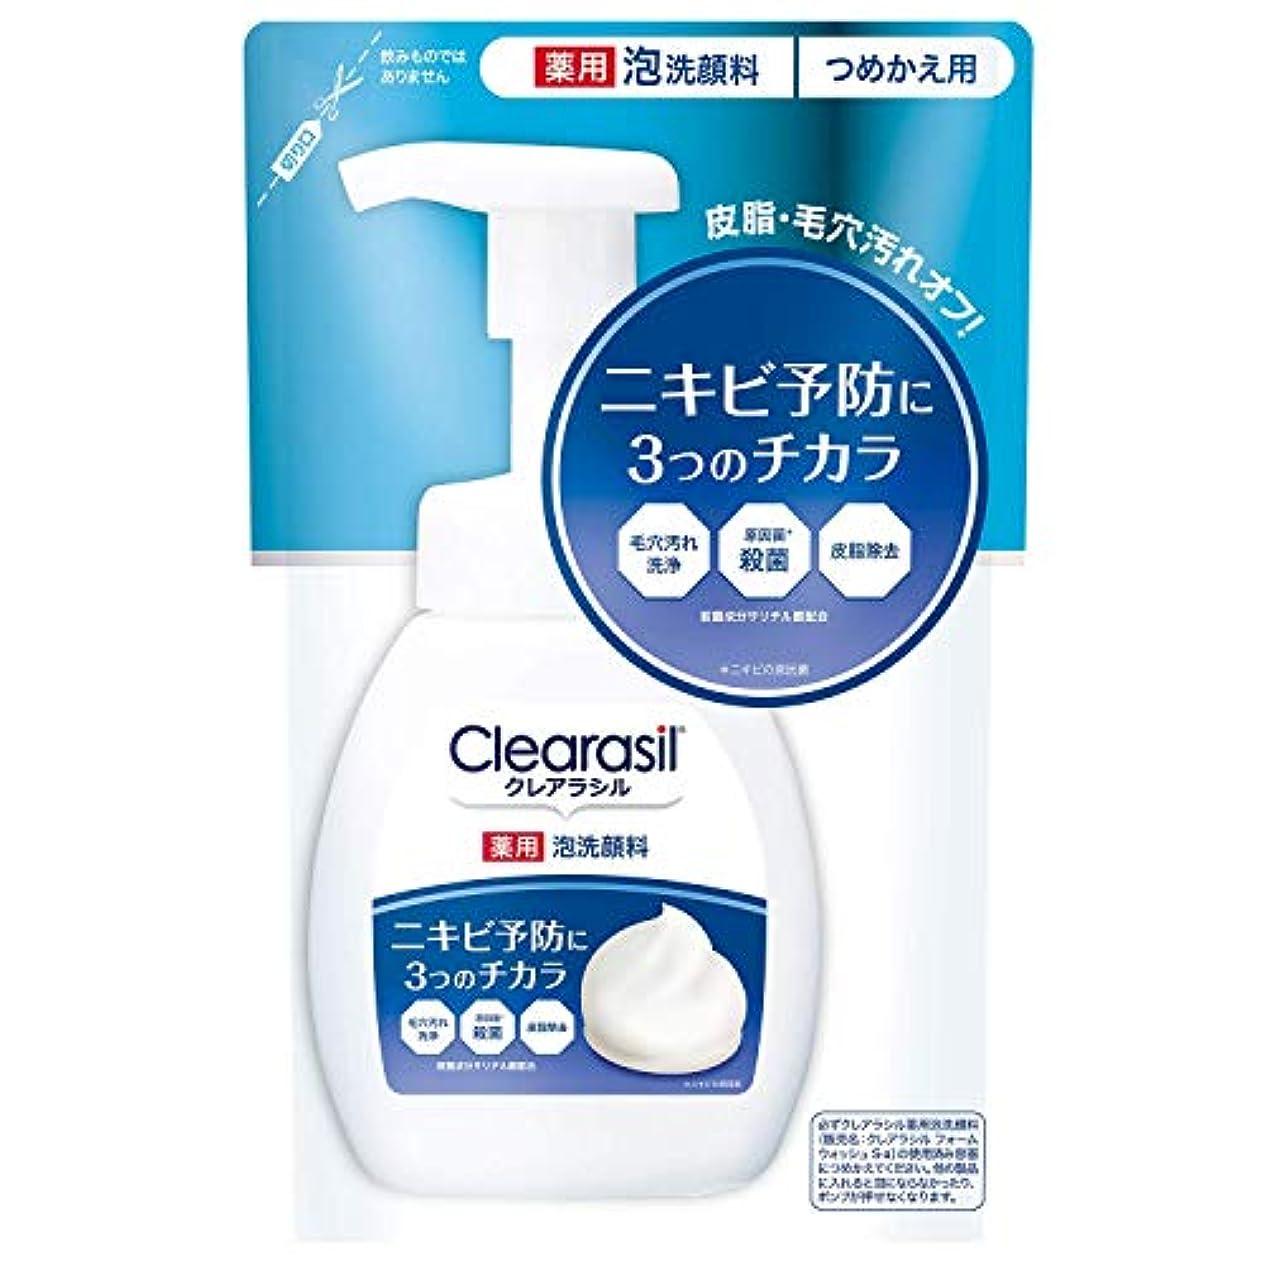 遊びます細心の球体【clearasil】クレアラシル 薬用泡洗顔フォーム10 つめかえ用 (180ml) ×5個セット